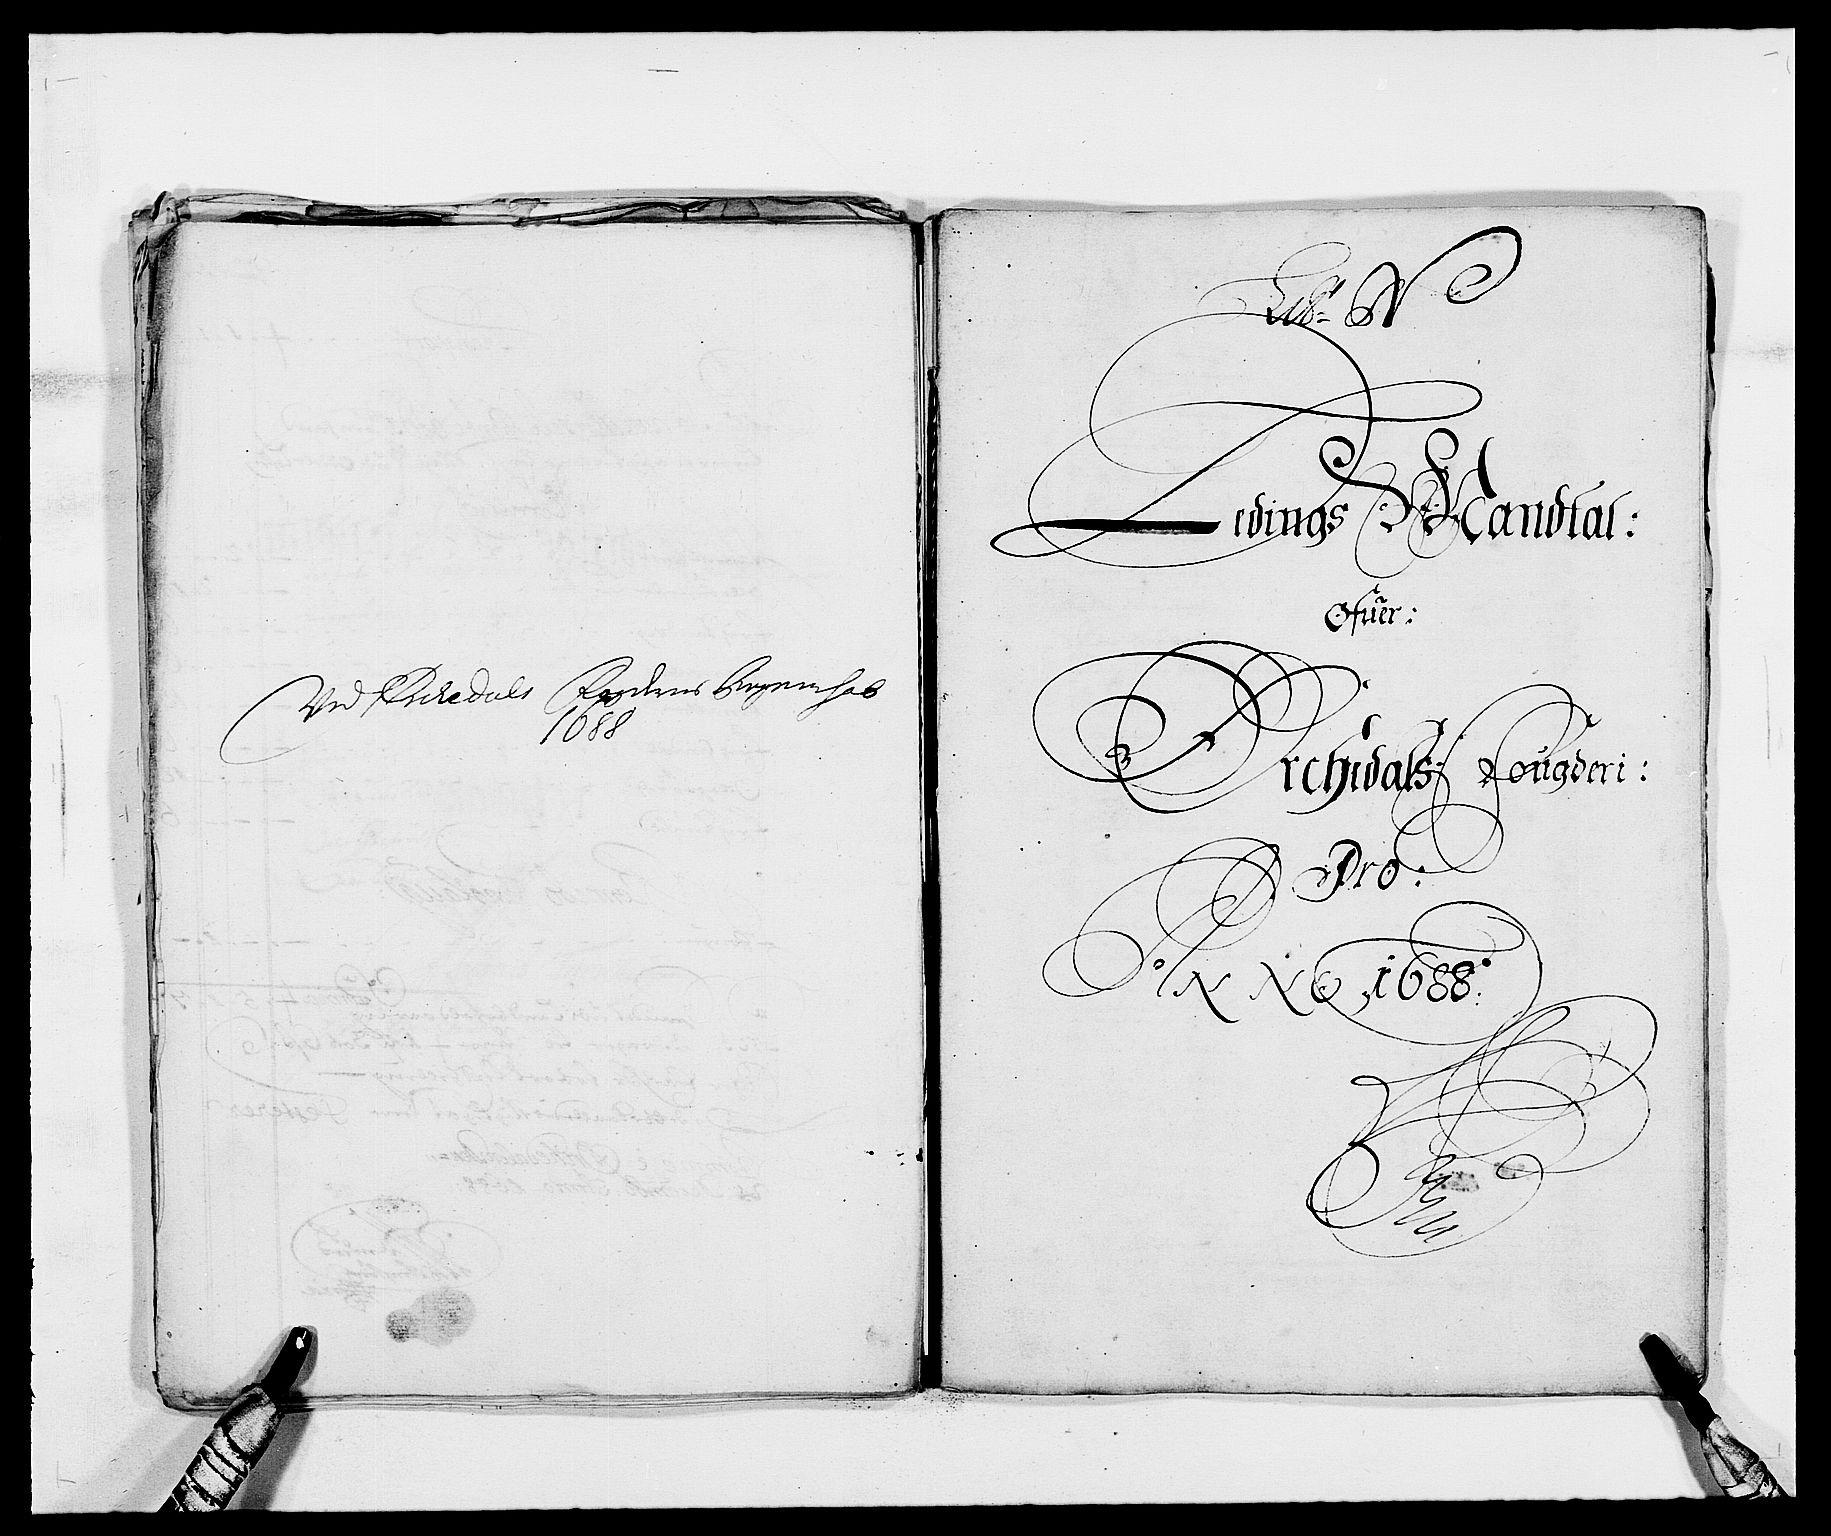 RA, Rentekammeret inntil 1814, Reviderte regnskaper, Fogderegnskap, R58/L3935: Fogderegnskap Orkdal, 1687-1688, s. 335